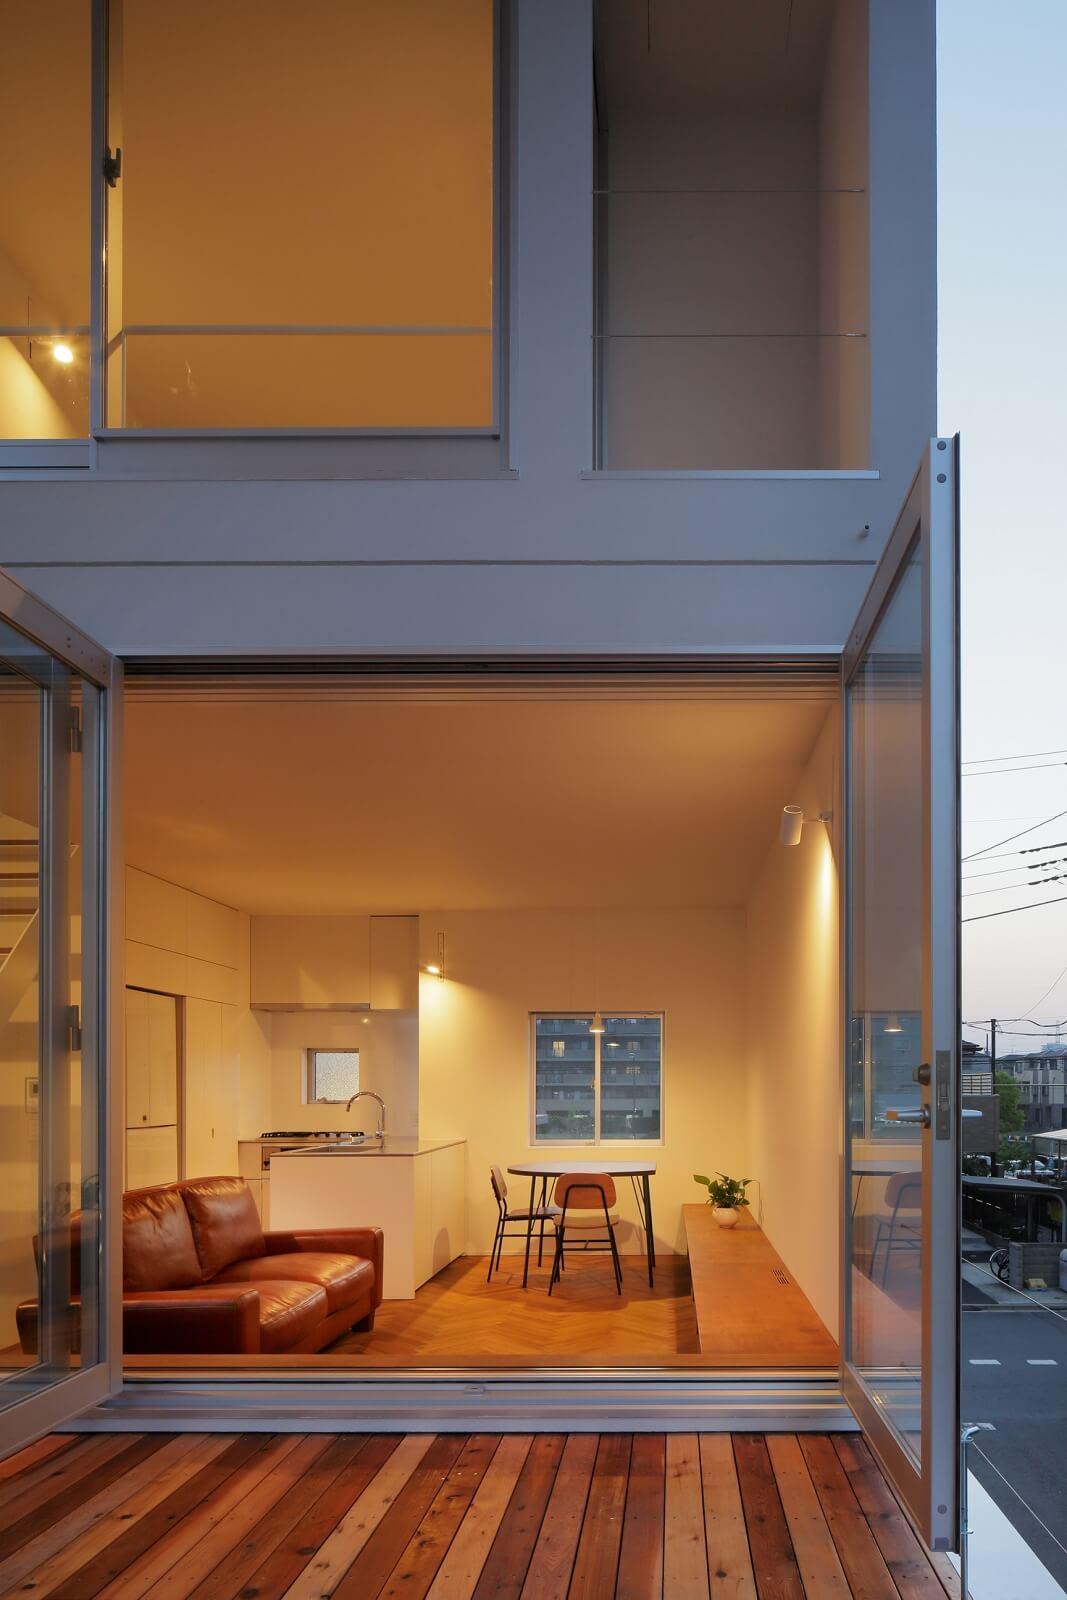 Mal byt s velkou terasou for Terrace 2nd floor